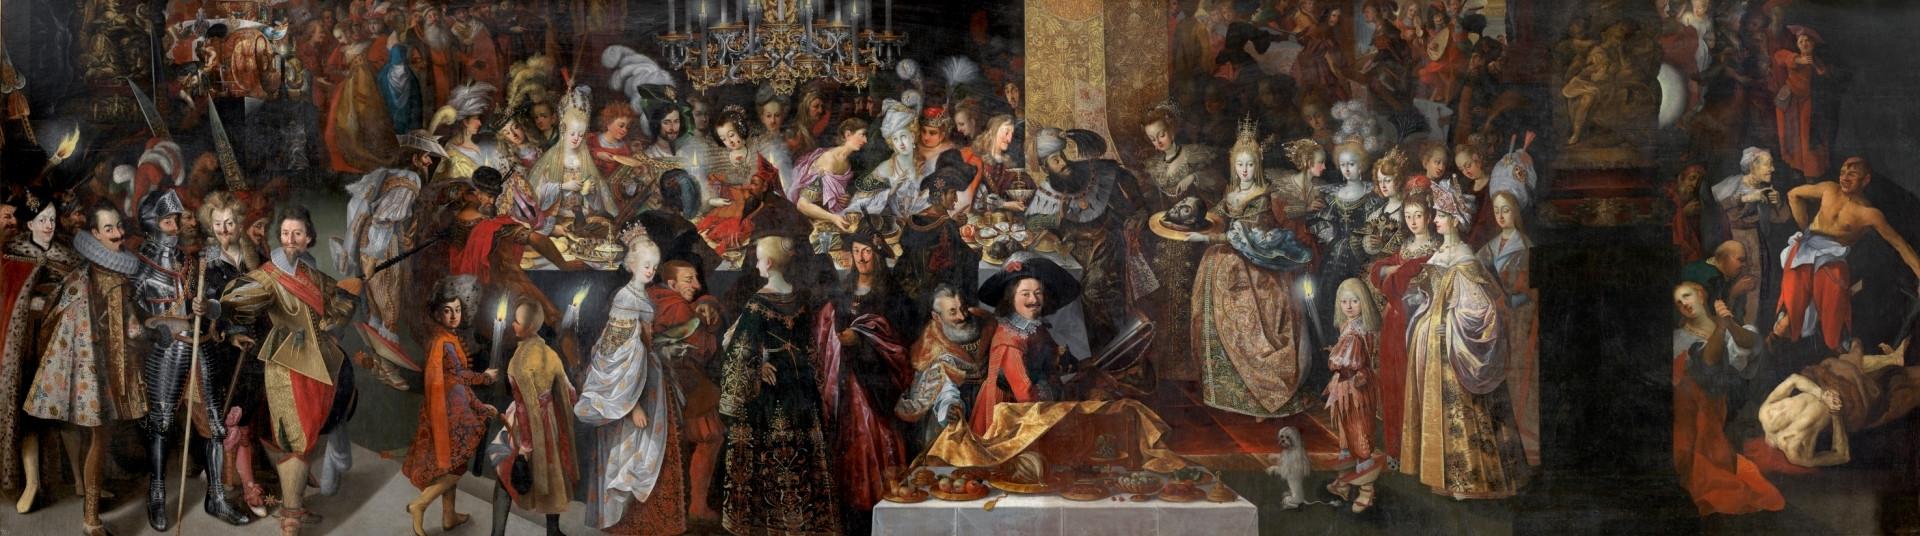 Bartholomeus Strobel El Joven, Degollación de San Juan Bautista y banquete de Herodes, Museo del Prado